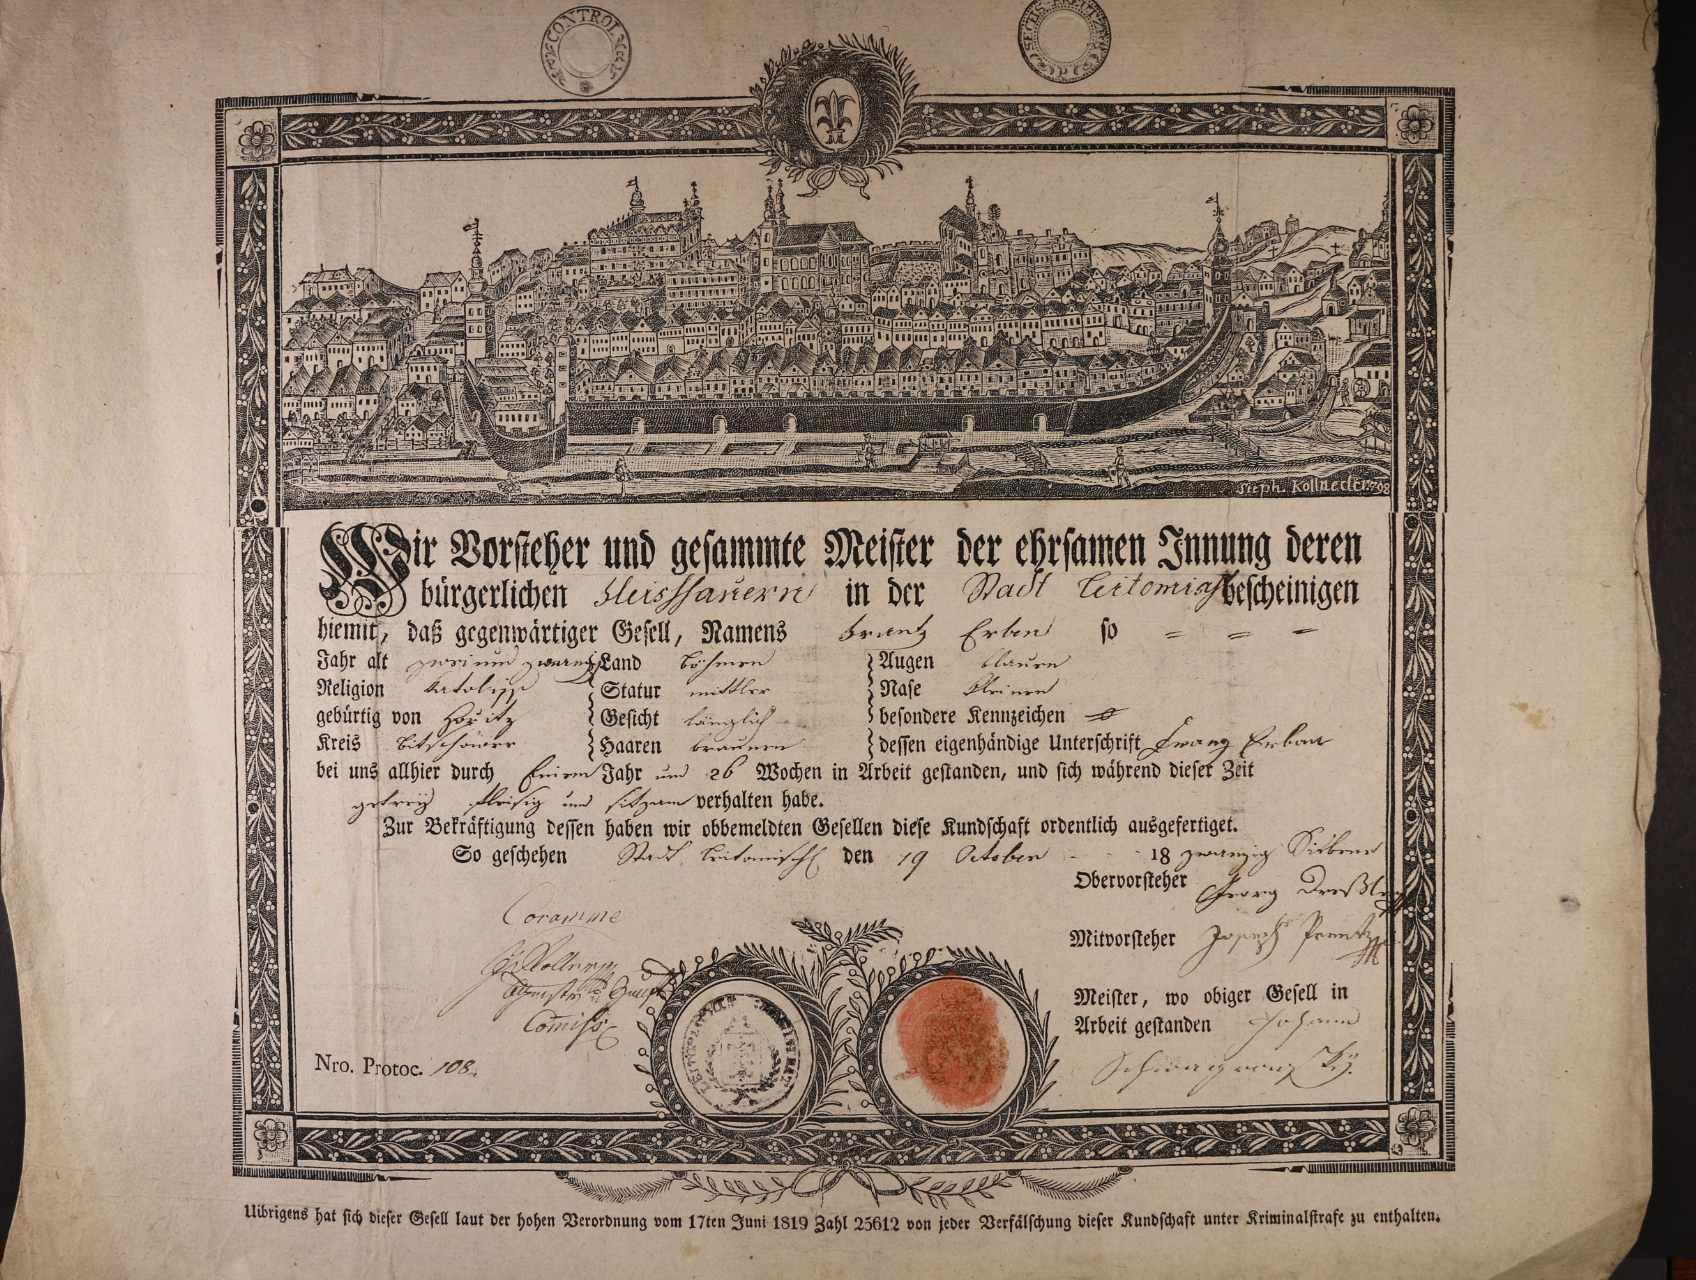 výuční list z r. 1819 s vedutou města Litomyšle, zajímavé